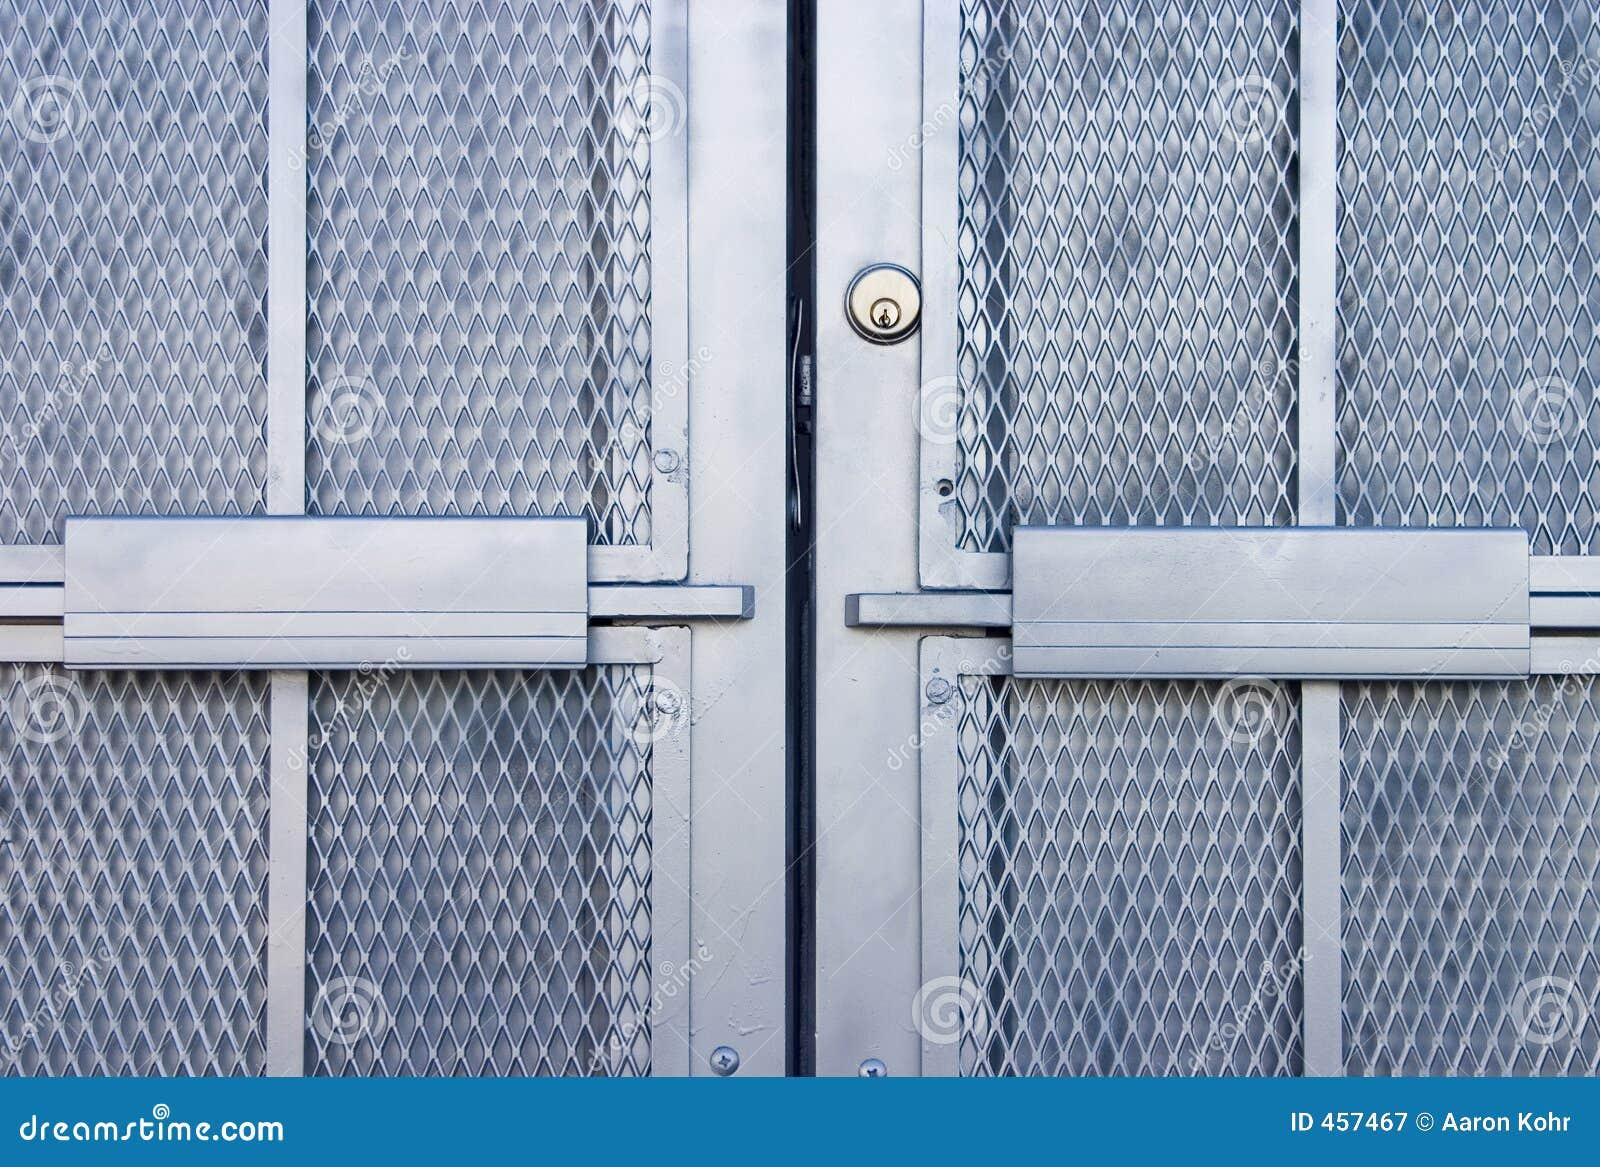 Download Industrial Door 1 stock image. Image of silver, metal, industrial - 457467